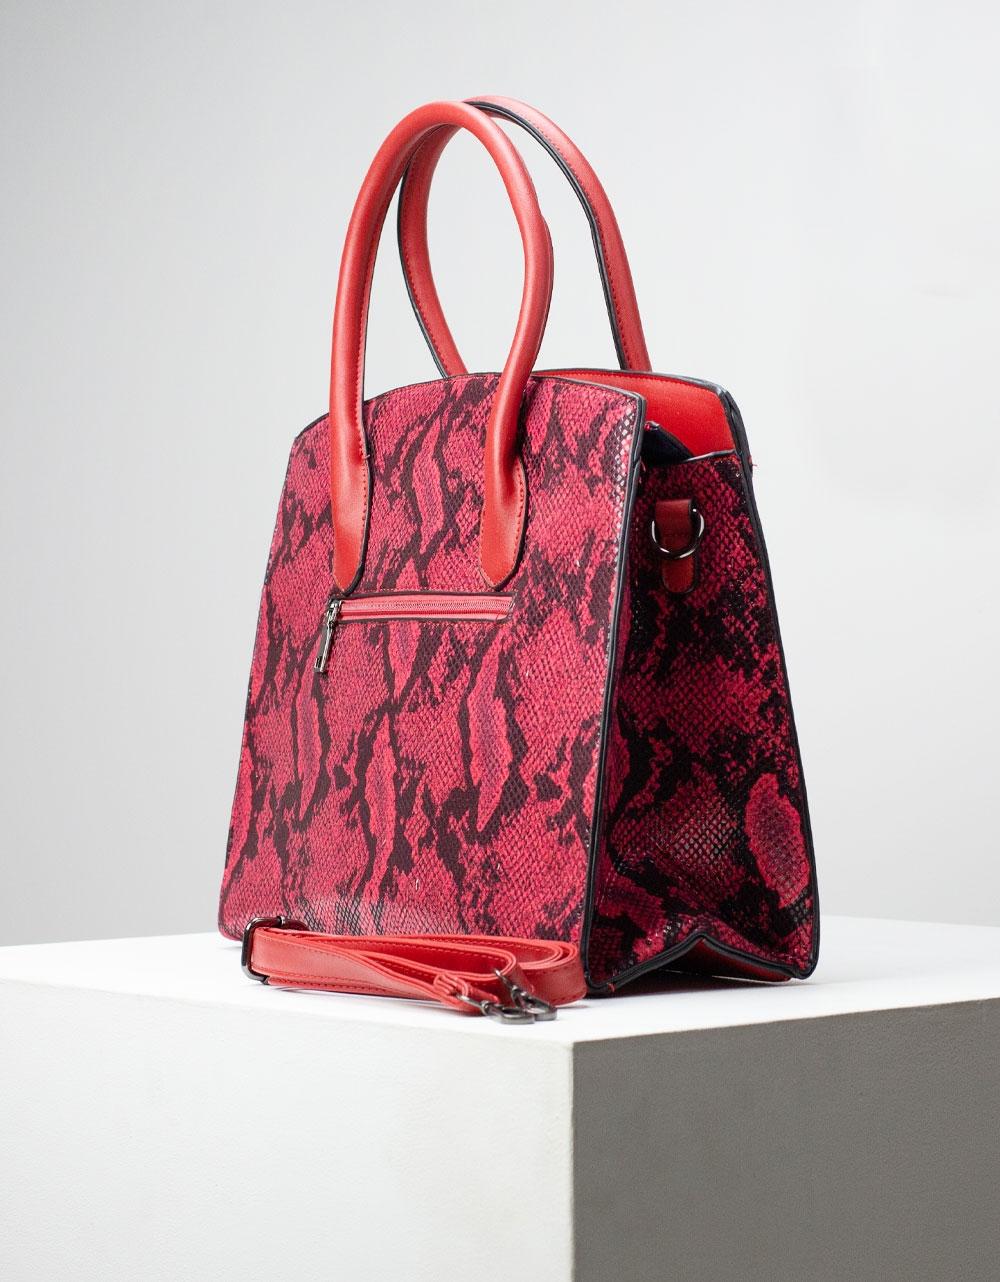 Εικόνα από Γυναικεία τσάντα ώμου & χιαστί με snake pattern Μπορντώ